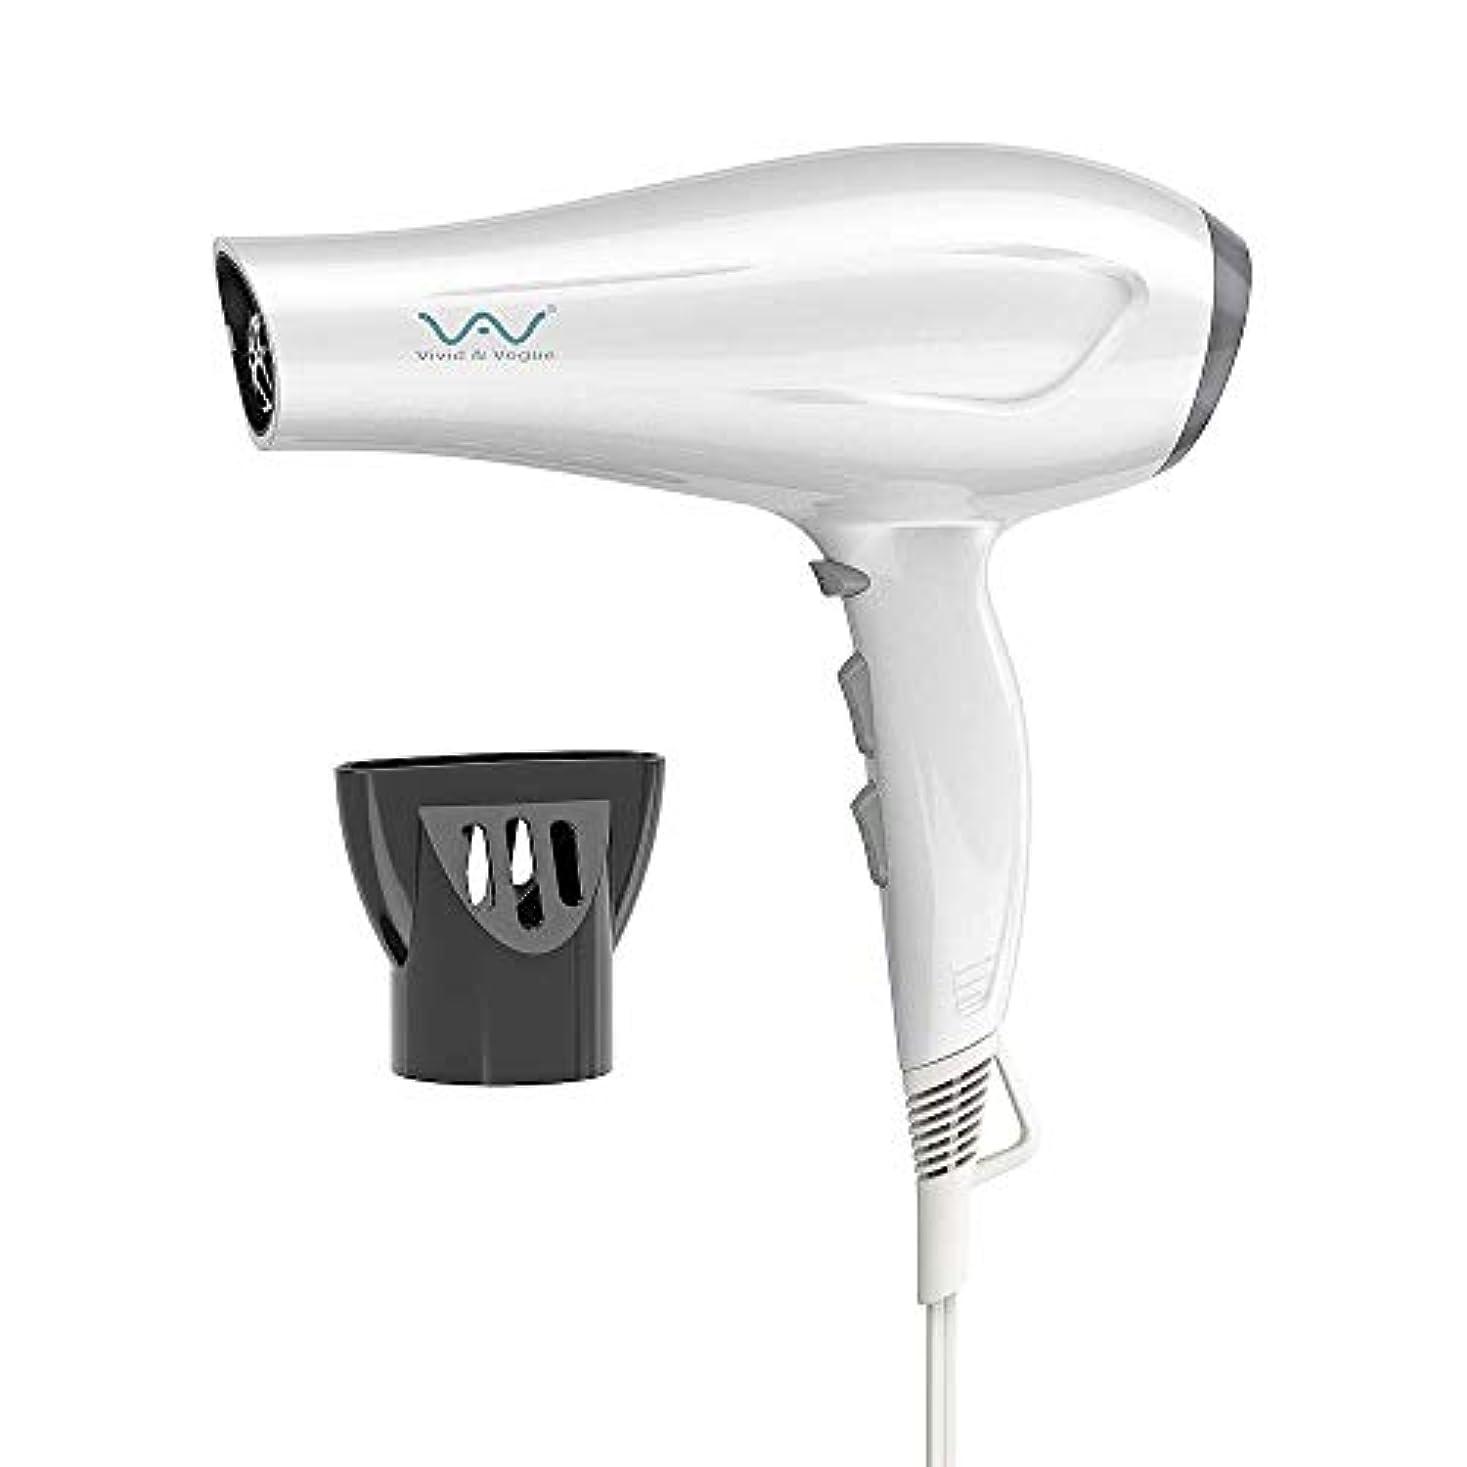 万歳キャンペーンコンテストVAV マイナスイオン ドライヤー 風温&風量調節可 1200W 大風量 家用 サロン用 ヘアドライヤー ヘアケア メンズ